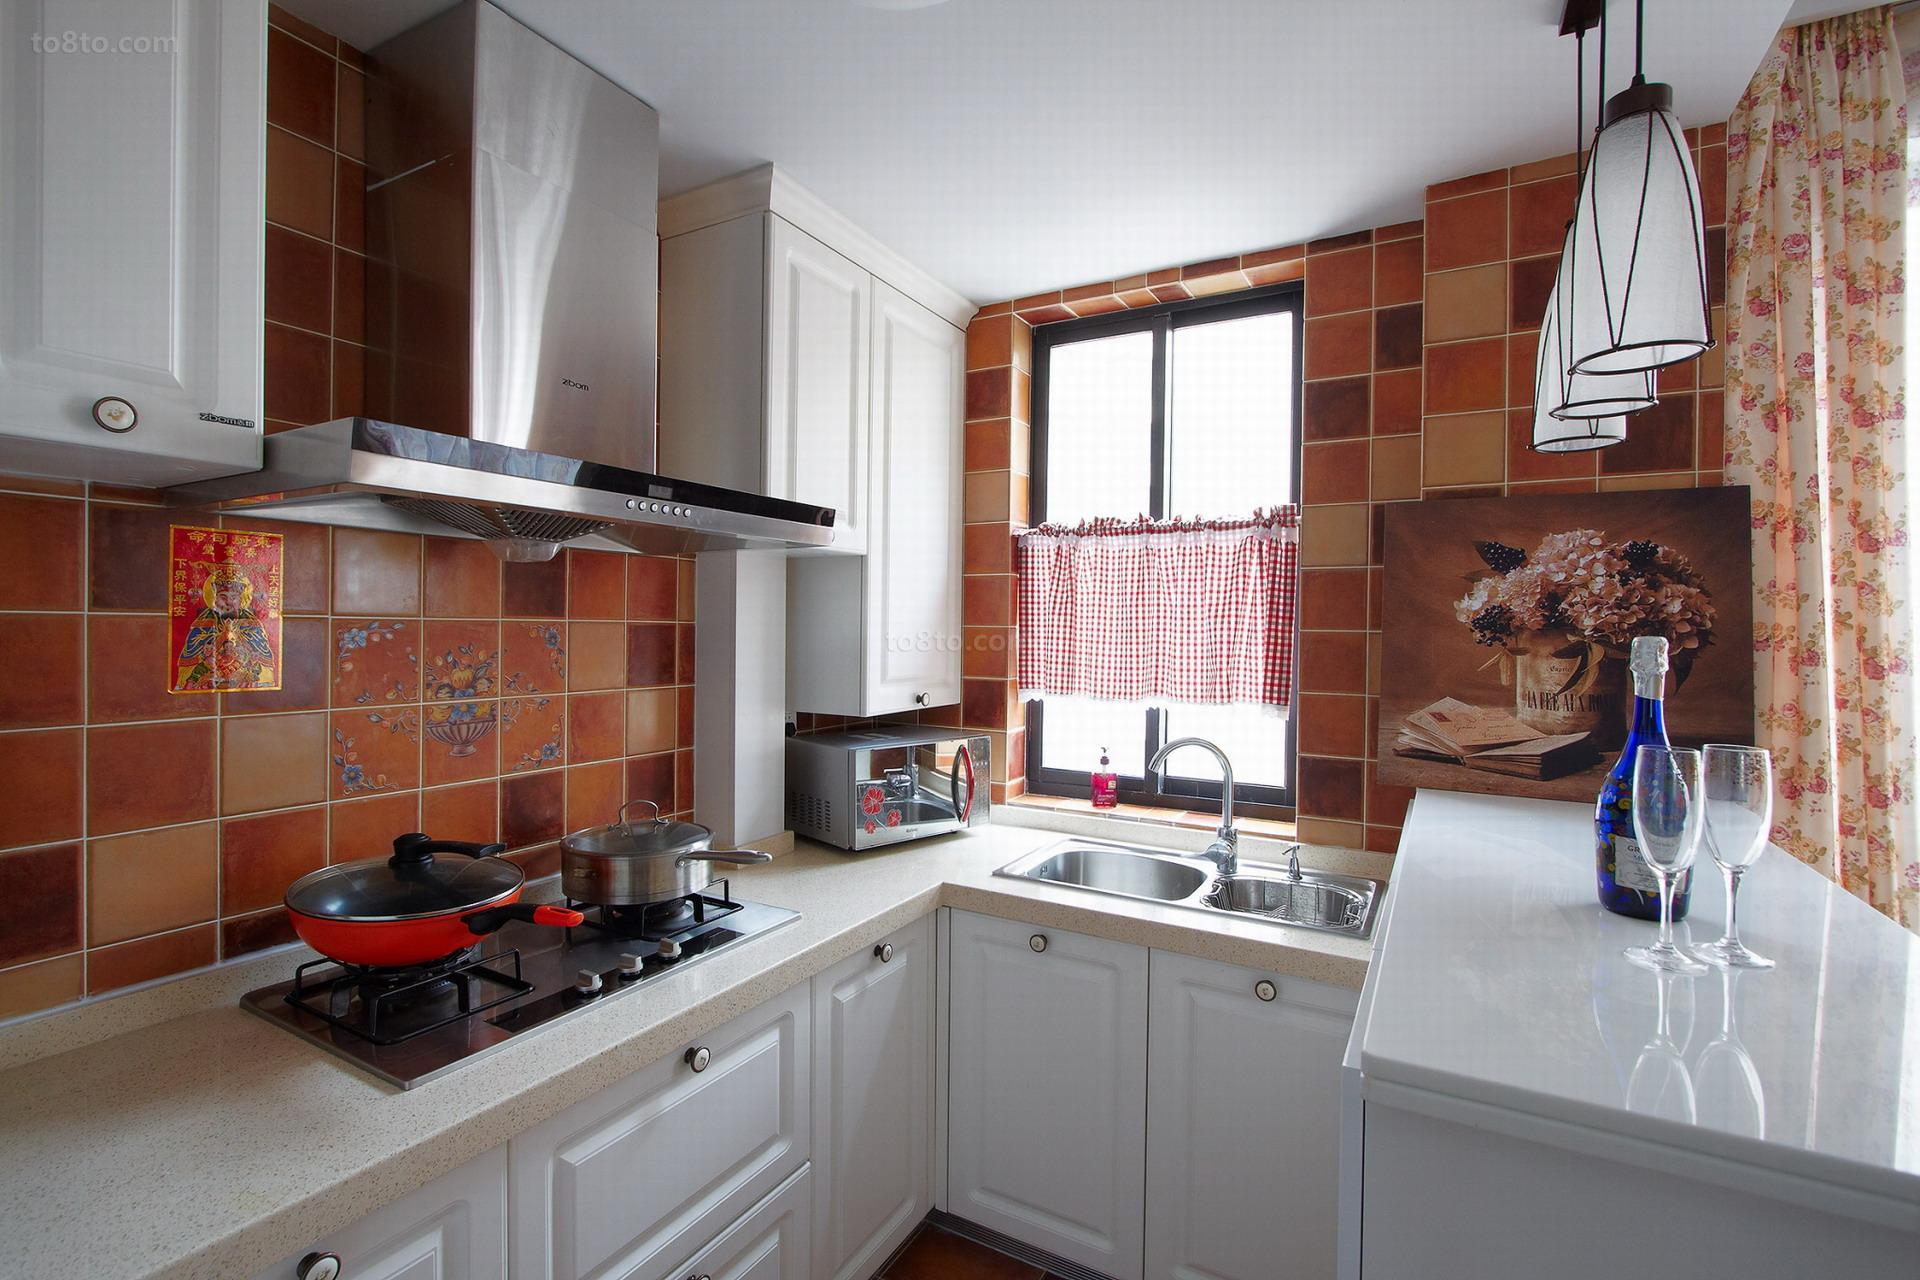 精美面积80平小户型厨房美式装修效果图片欣赏